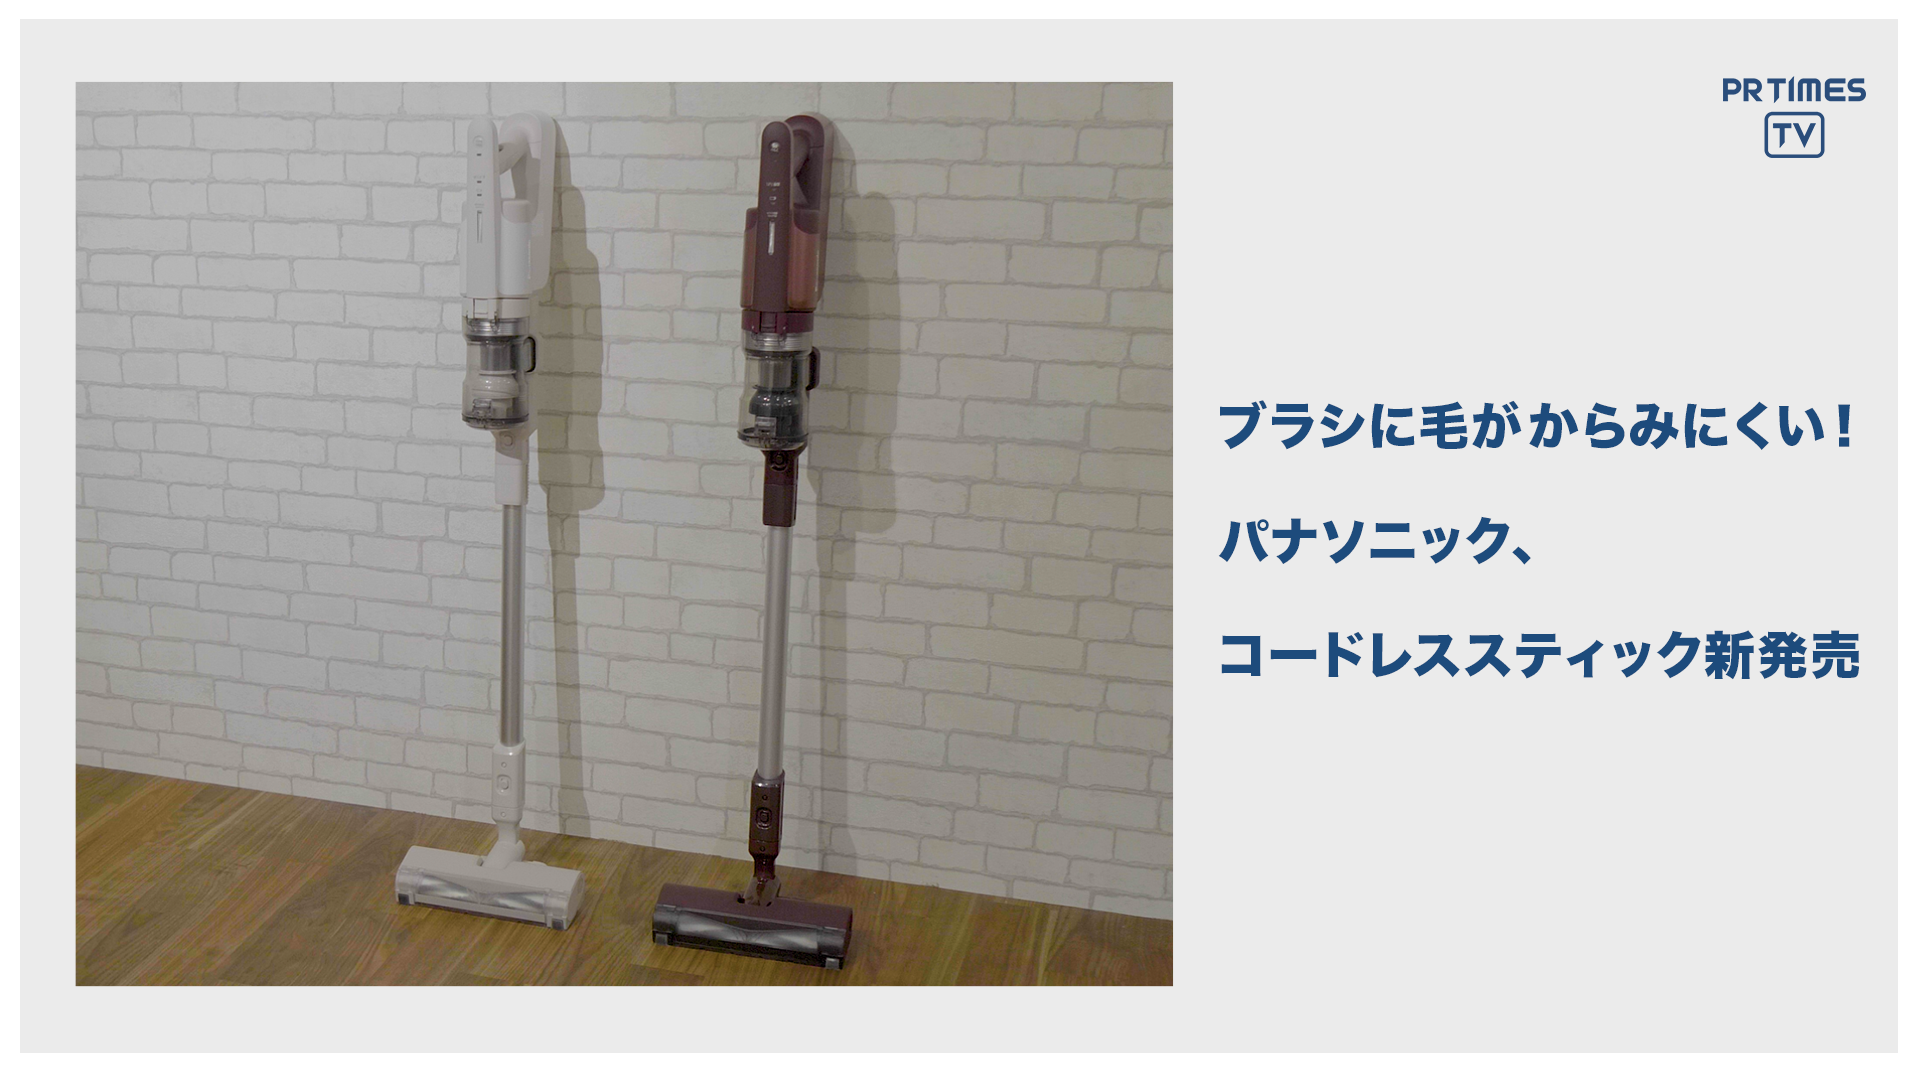 「パナソニック」新開発の「からまないブラシ」を搭載した、コードレススティック掃除機「パワーコードレス」7月20日新発売